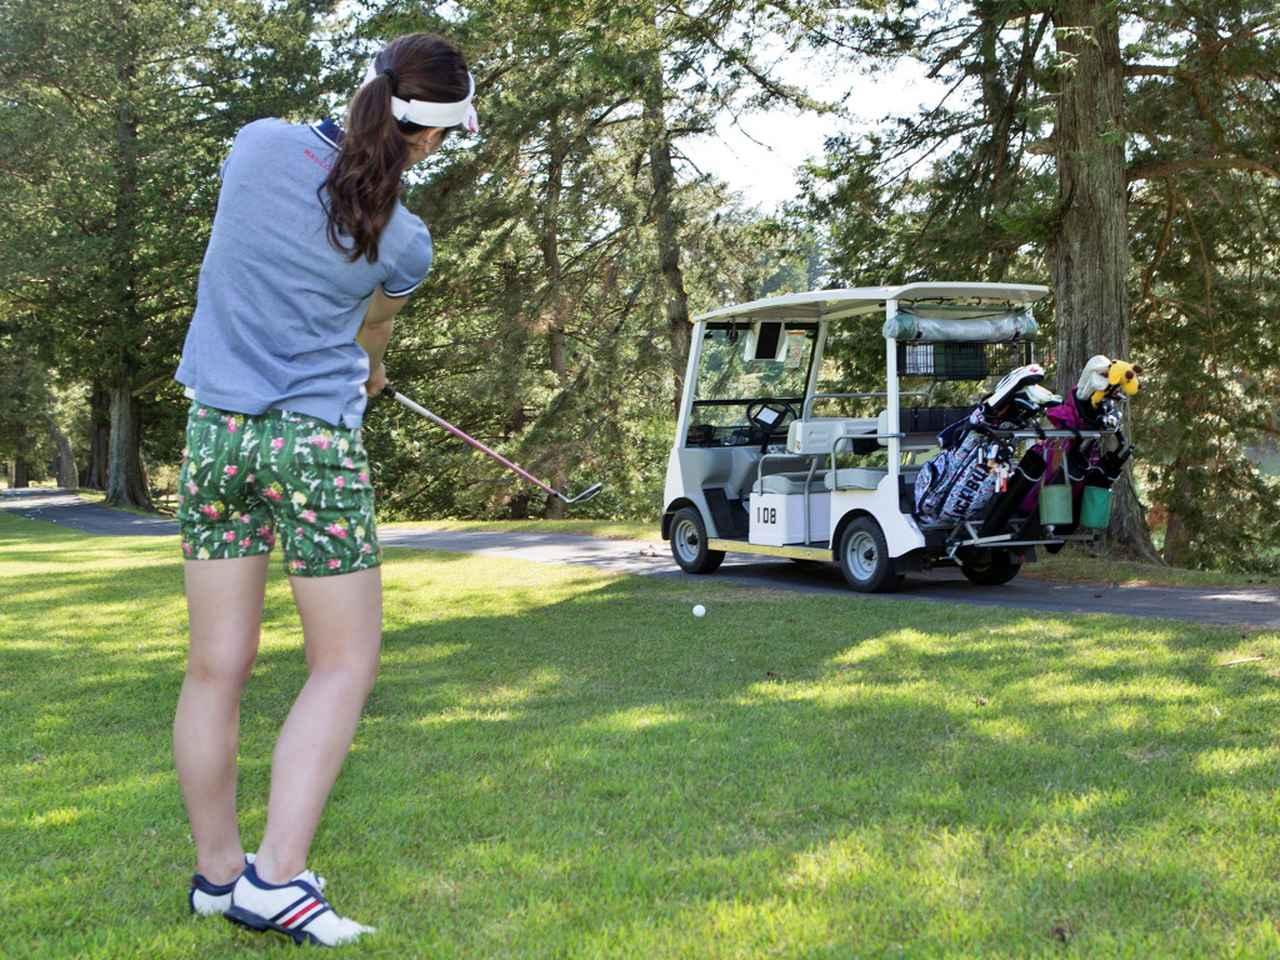 画像5: 【ゴルフルール理解度クイズ】〇か✖か何問正解できる? 新ルールになってはや1年、80点以上で合格